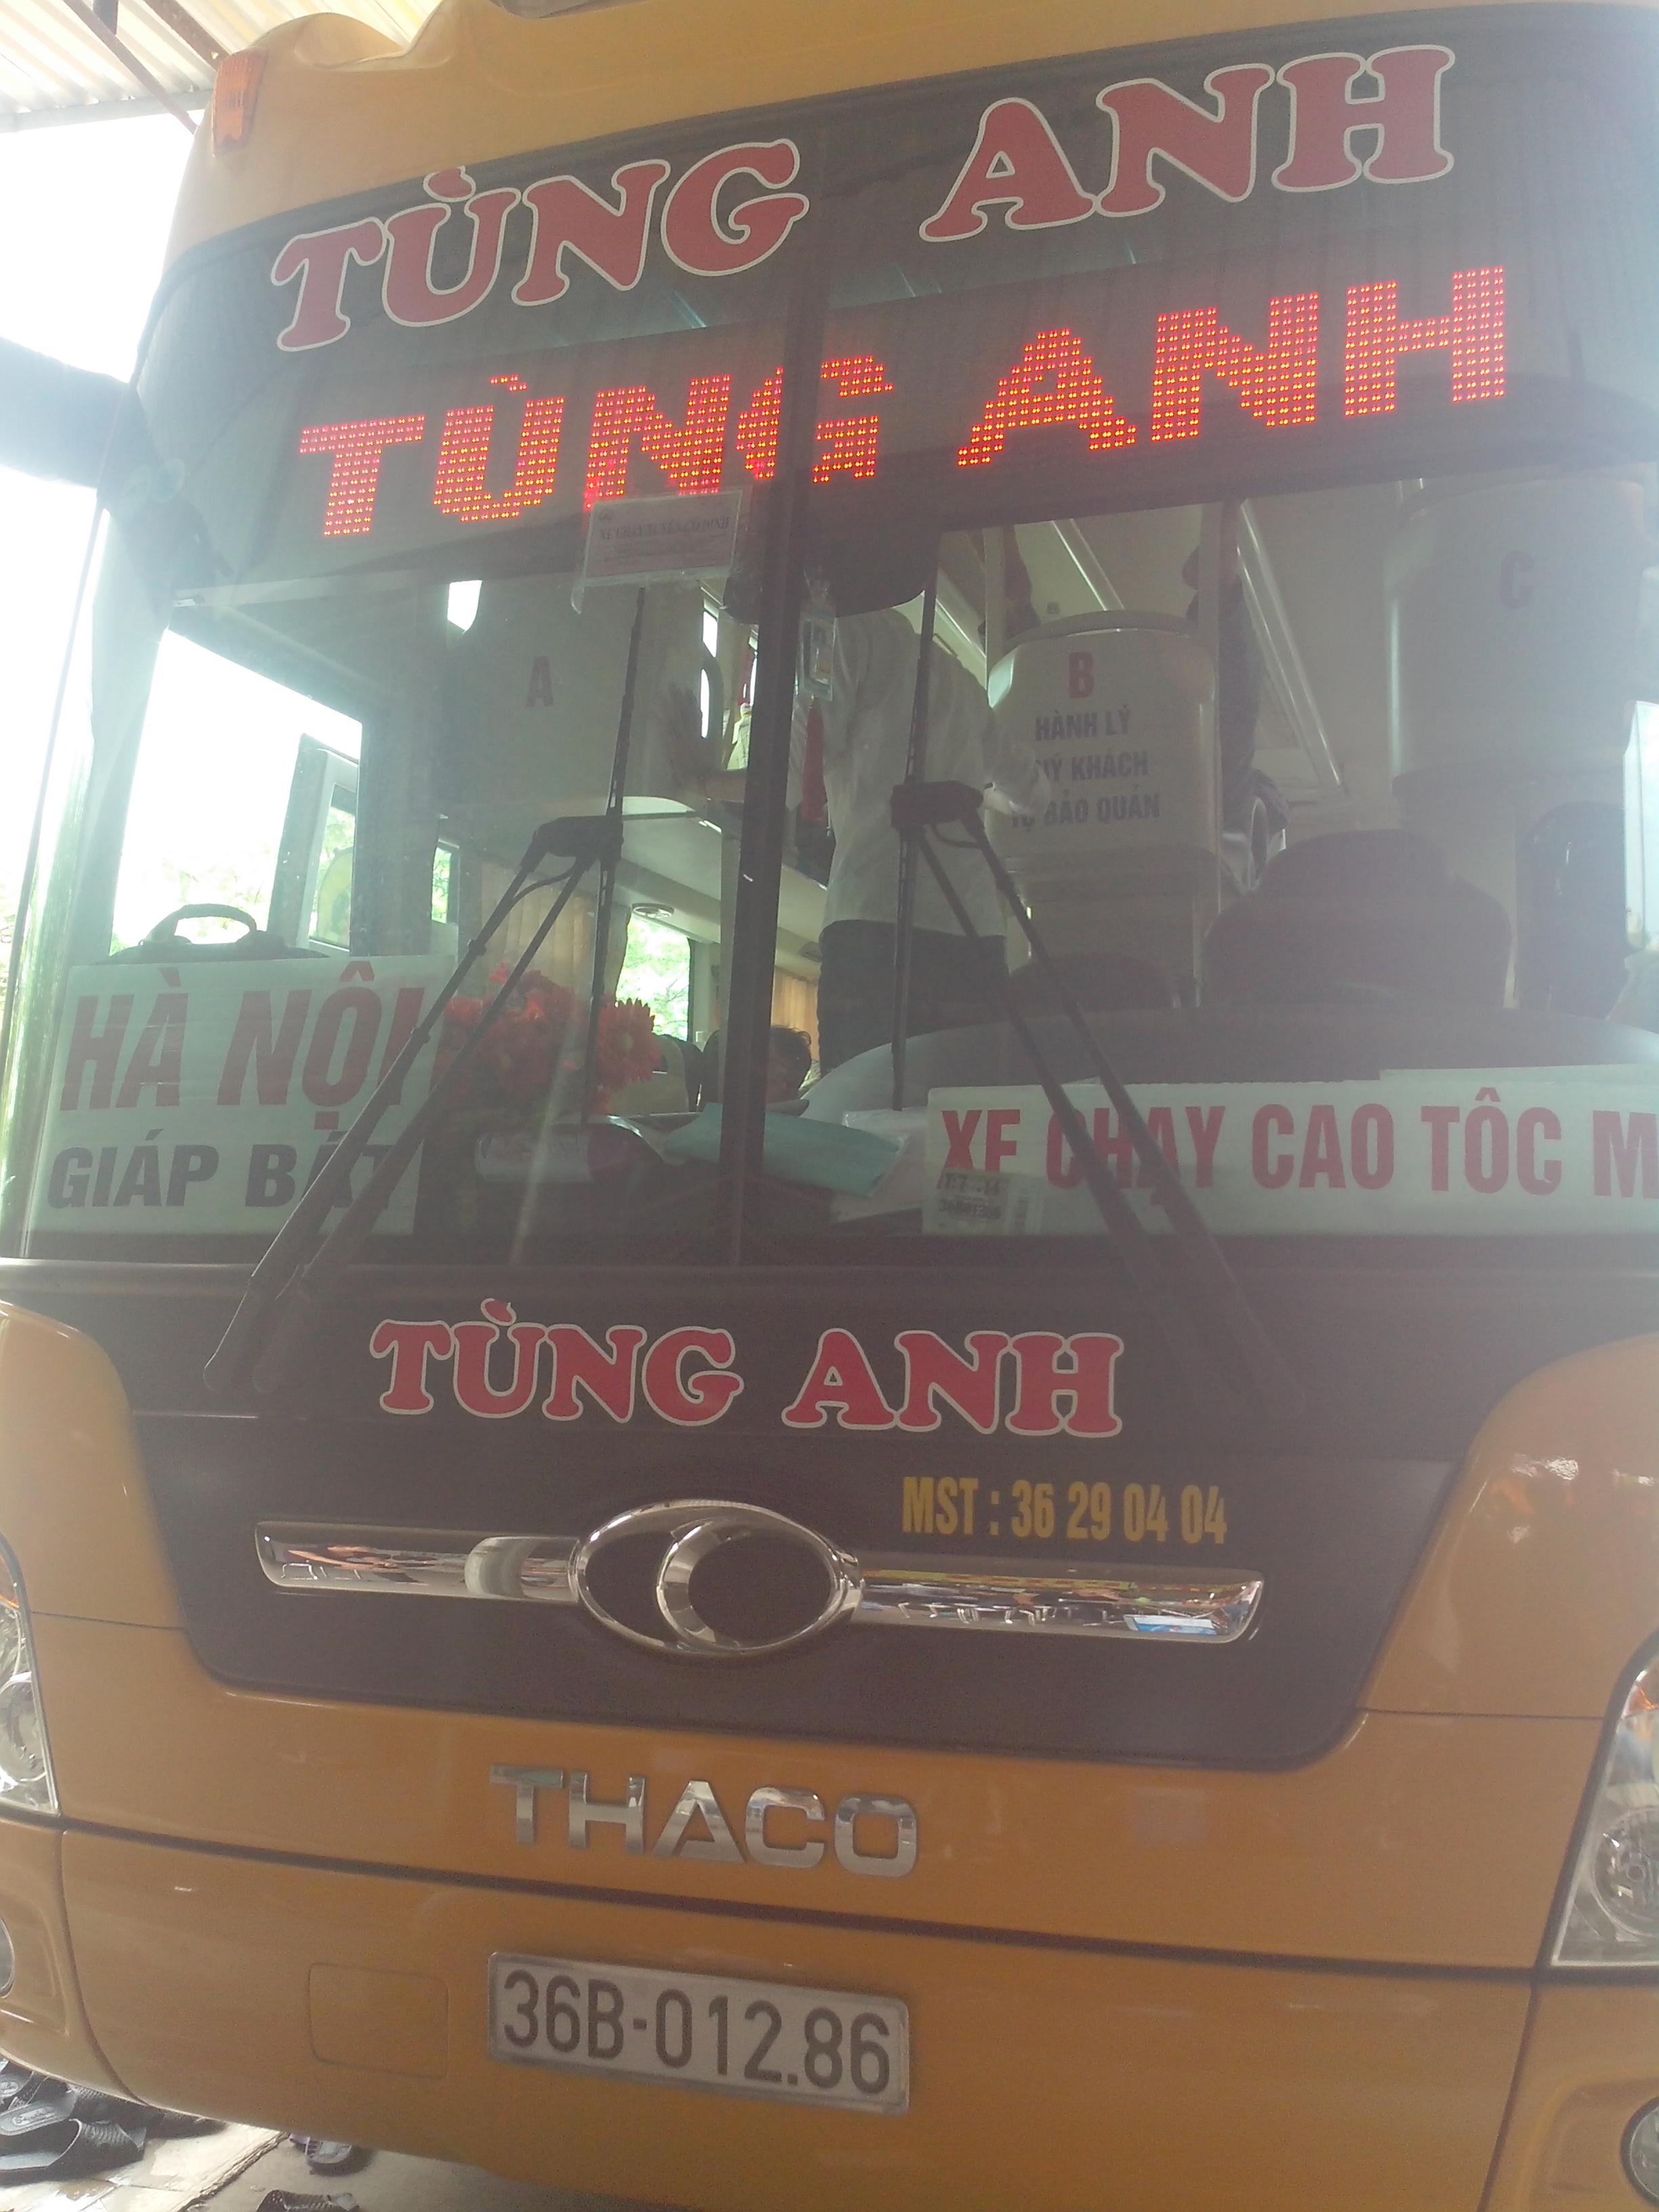 Biển Led gắn trên xe khách - xe bus (buýt) cho các nhà xe